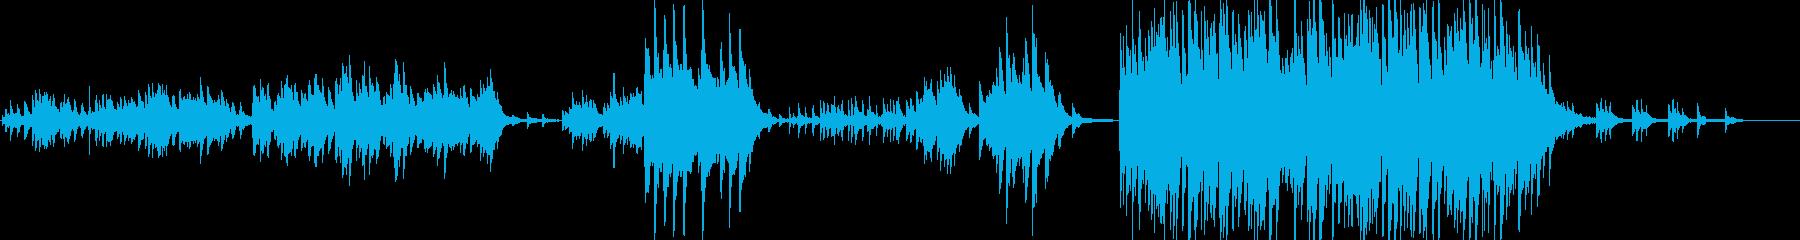 ノスタルジックで優しく切ないピアノソロの再生済みの波形